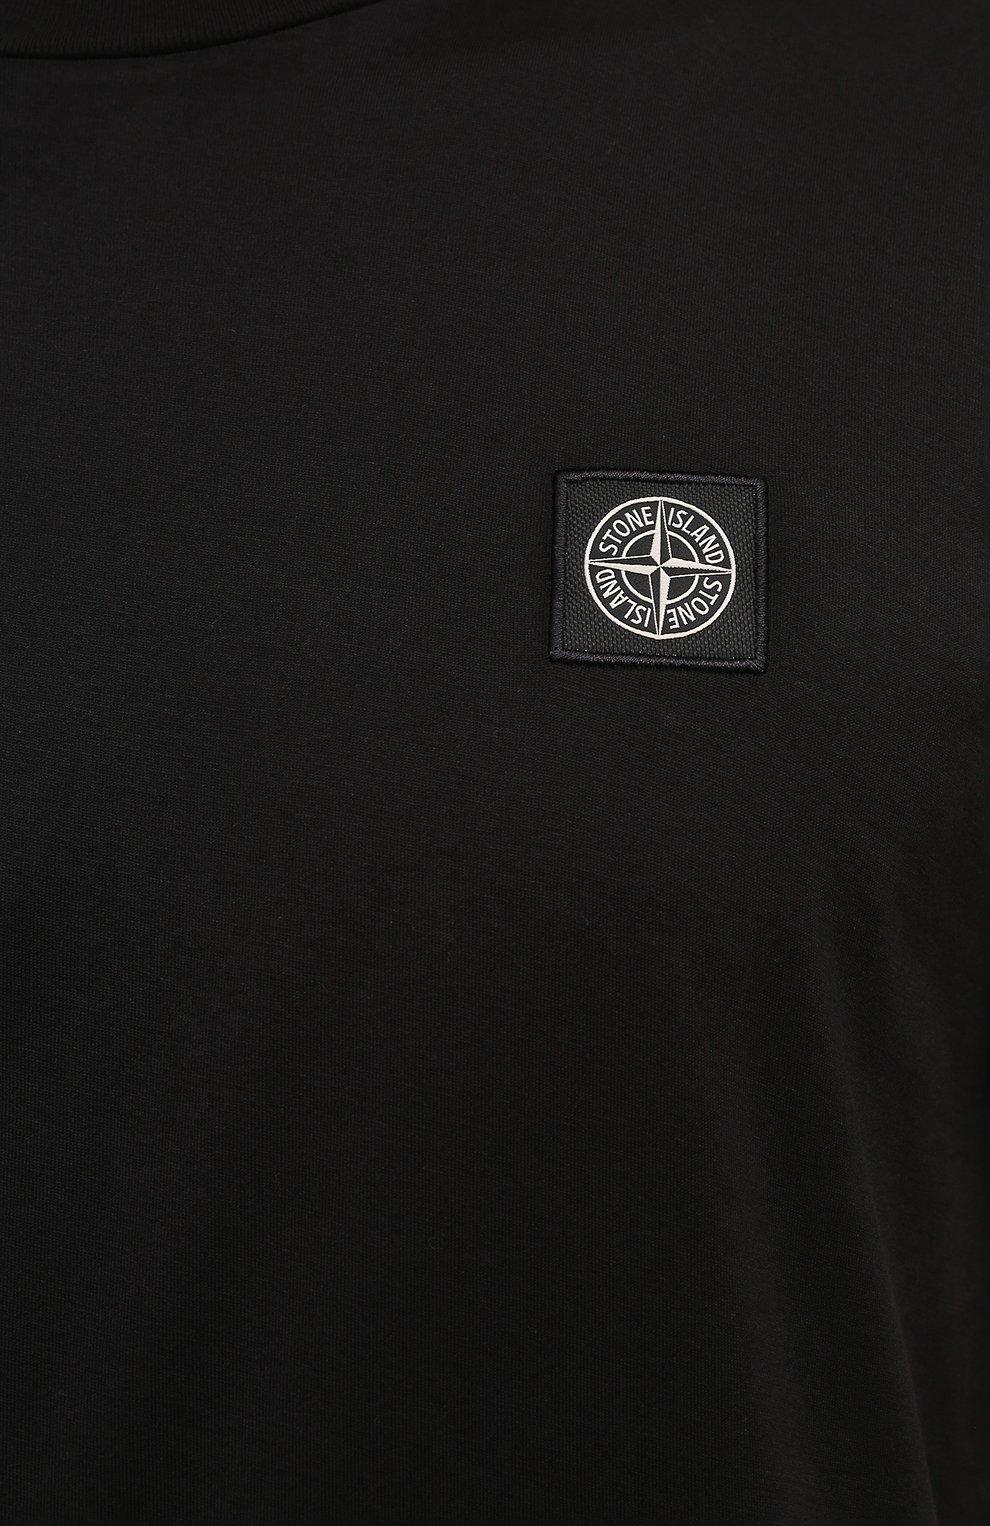 Мужская хлопковая футболка STONE ISLAND черного цвета, арт. 751524113 | Фото 5 (Принт: Без принта; Рукава: Короткие; Длина (для топов): Стандартные; Материал внешний: Хлопок; Стили: Кэжуэл)